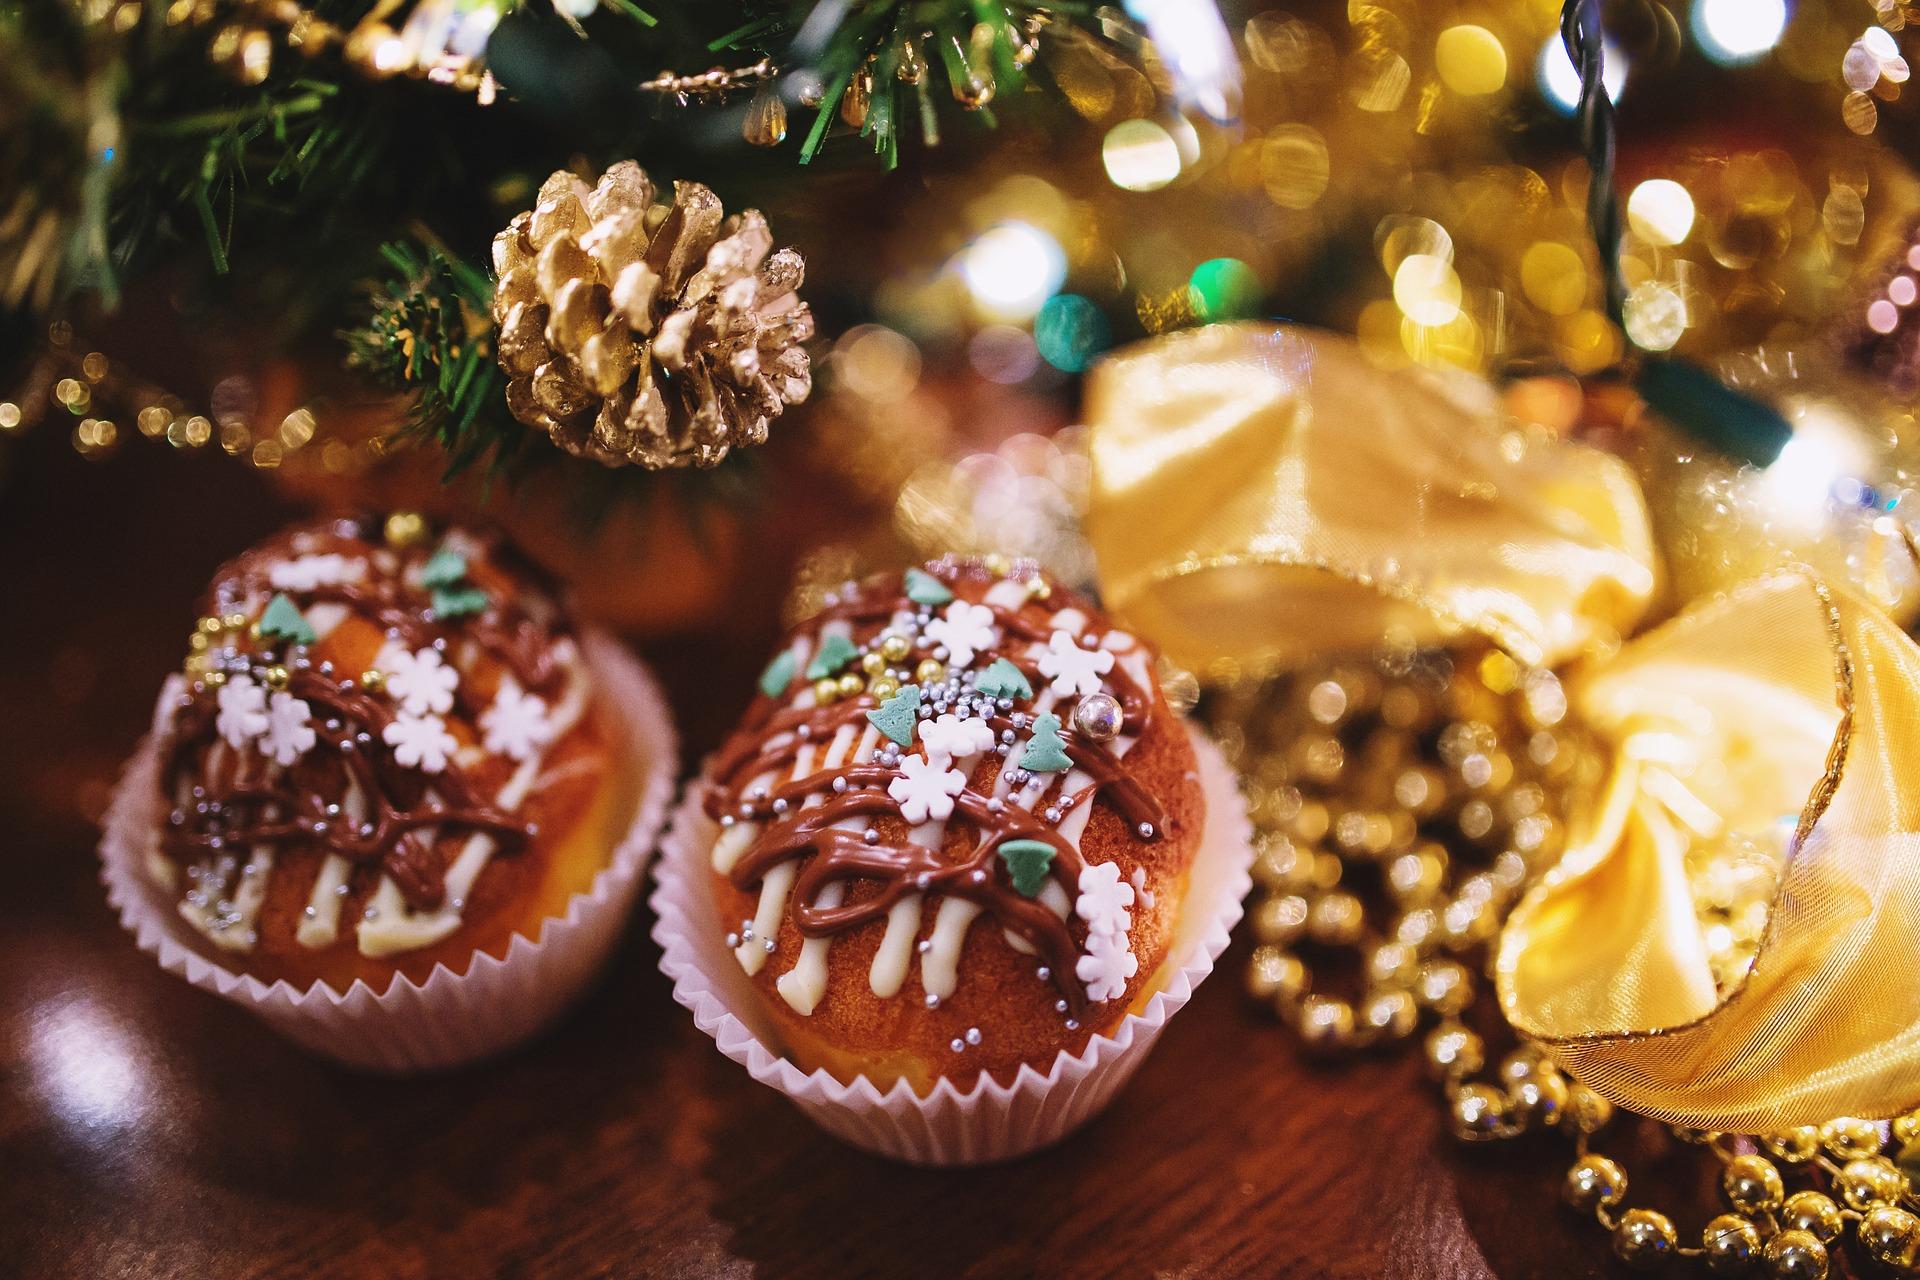 Onde comer panetone e doces natalinos com desconto do Clube